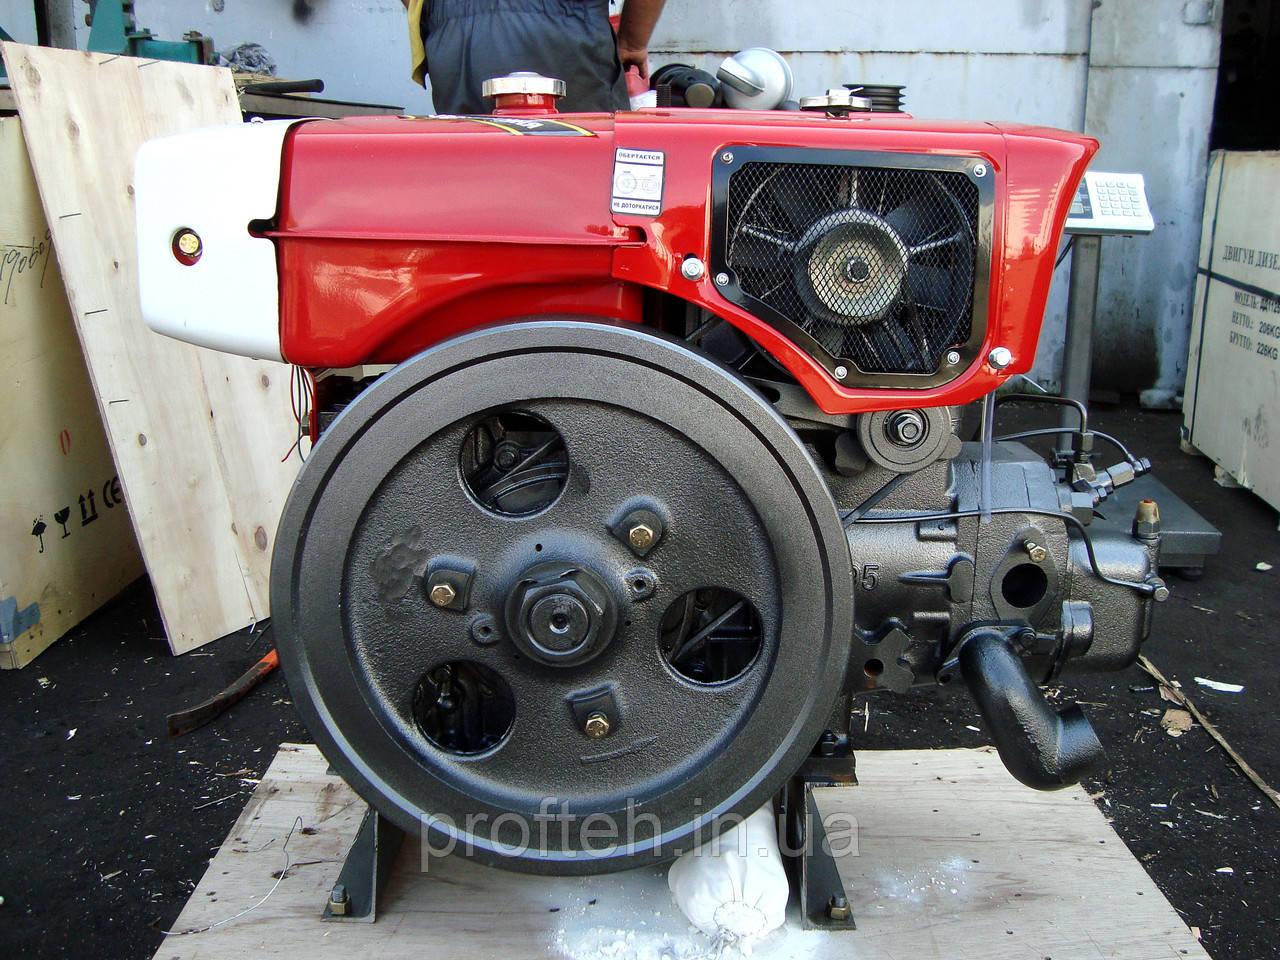 Дизельный двигатель Кентавр ДД195В Premium (14,0 л.с., дизель, ручной стартер)